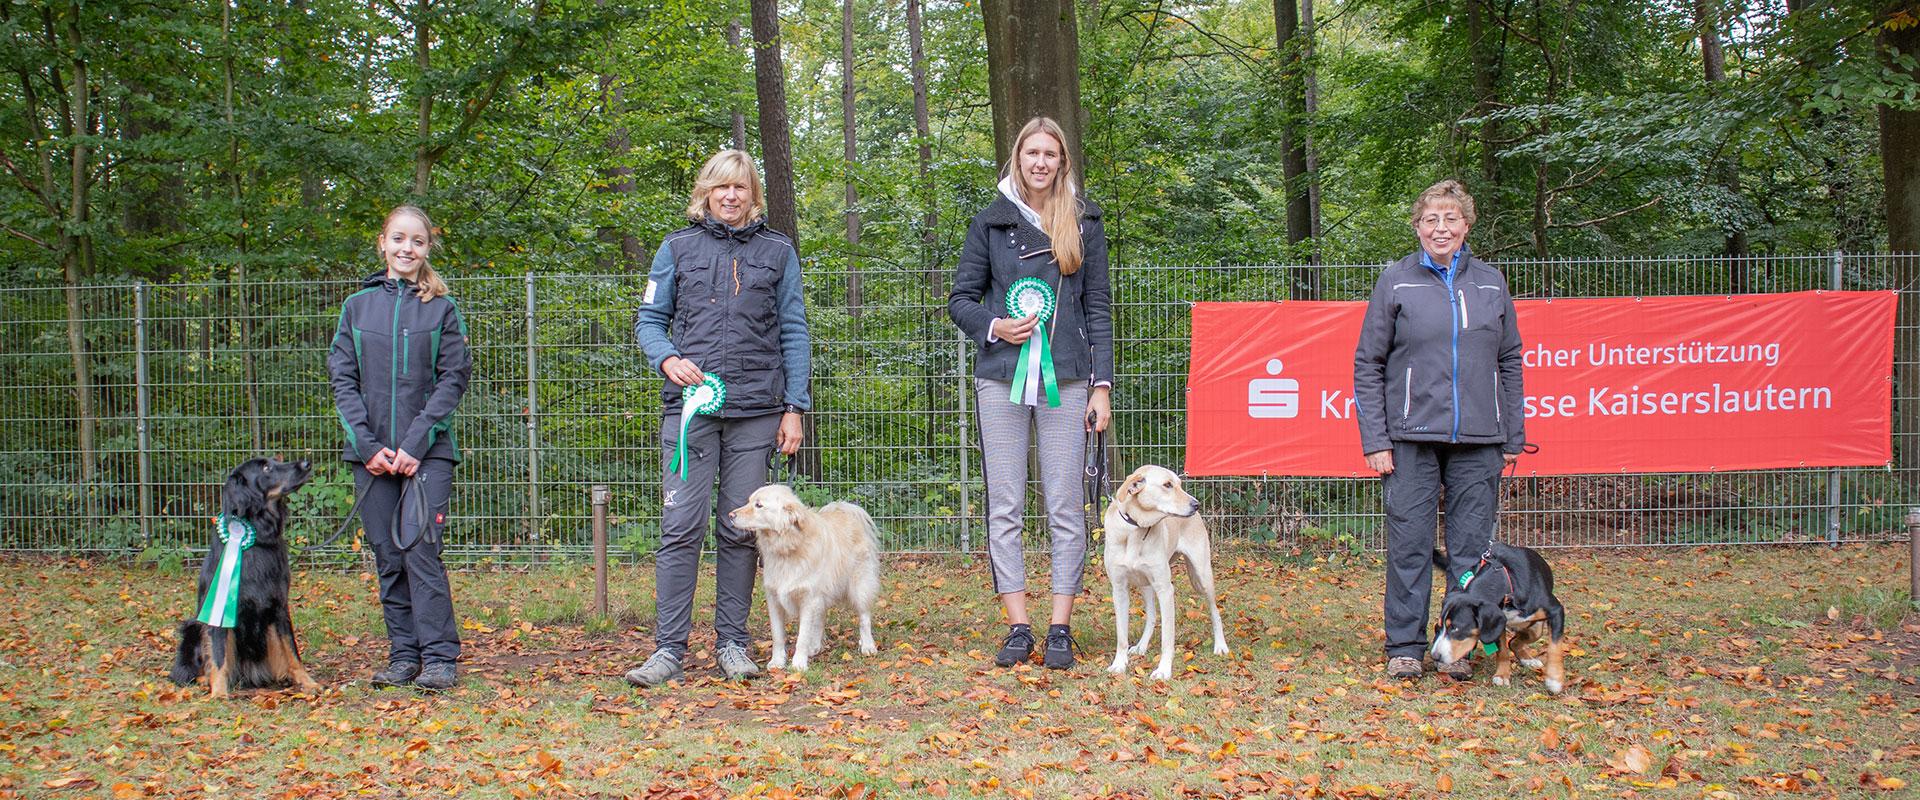 Rally-Obedience Kreisgruppenmeisterschaft KG01 – Oktober 2019